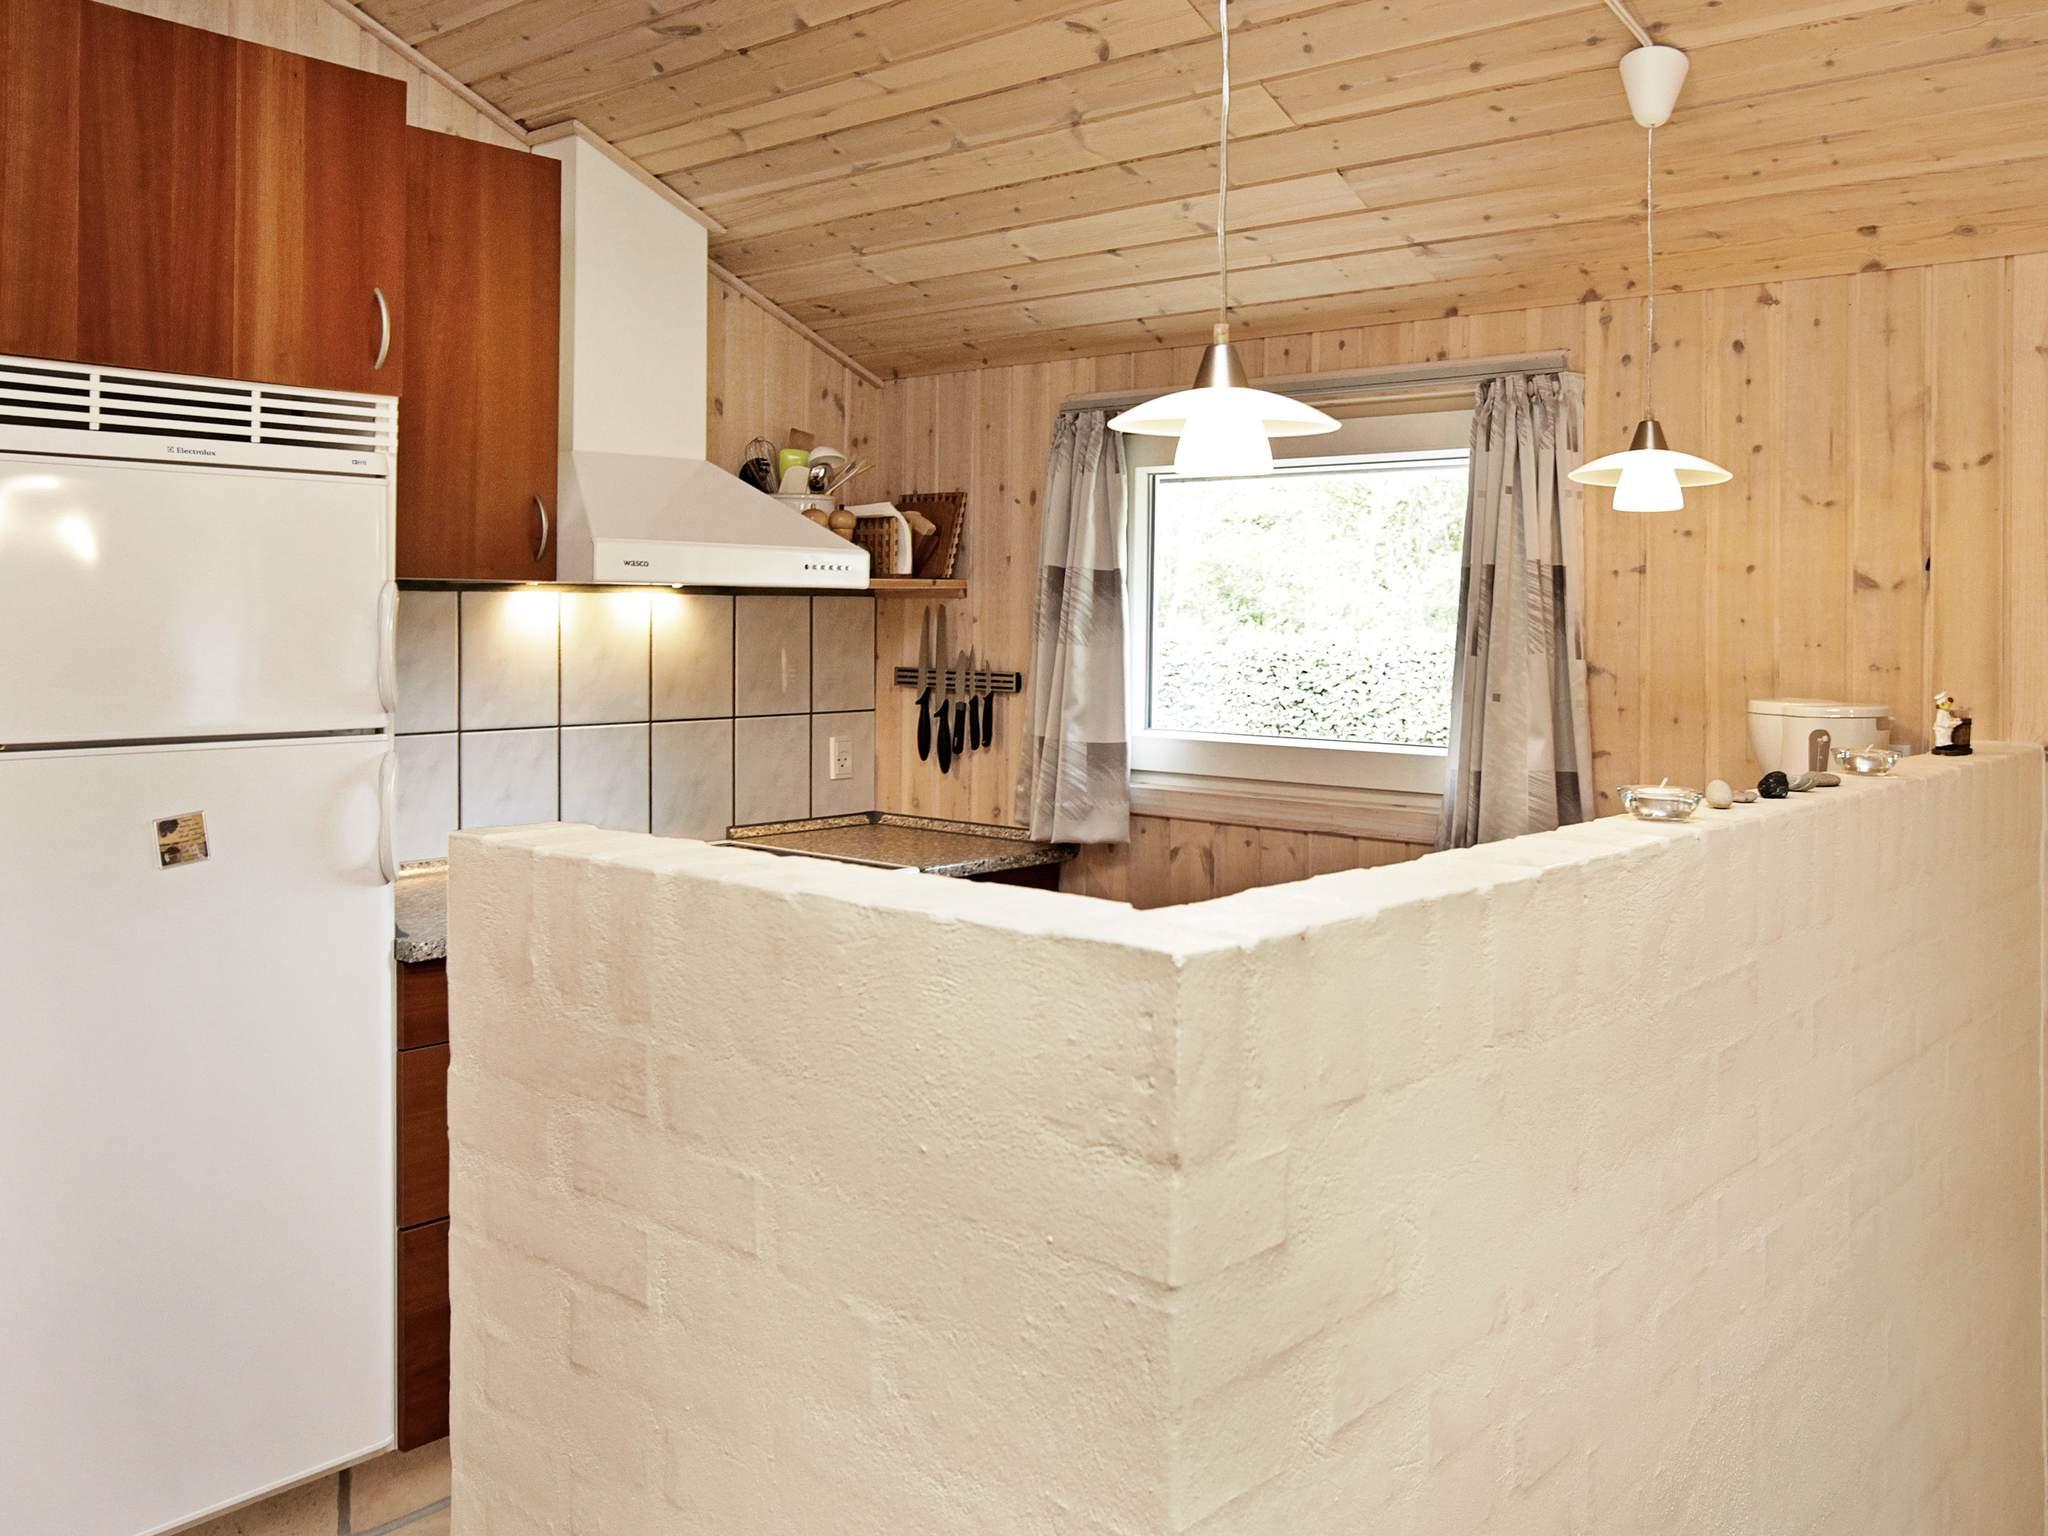 Ferienhaus Jegum (921203), Jegum, , Westjütland, Dänemark, Bild 8